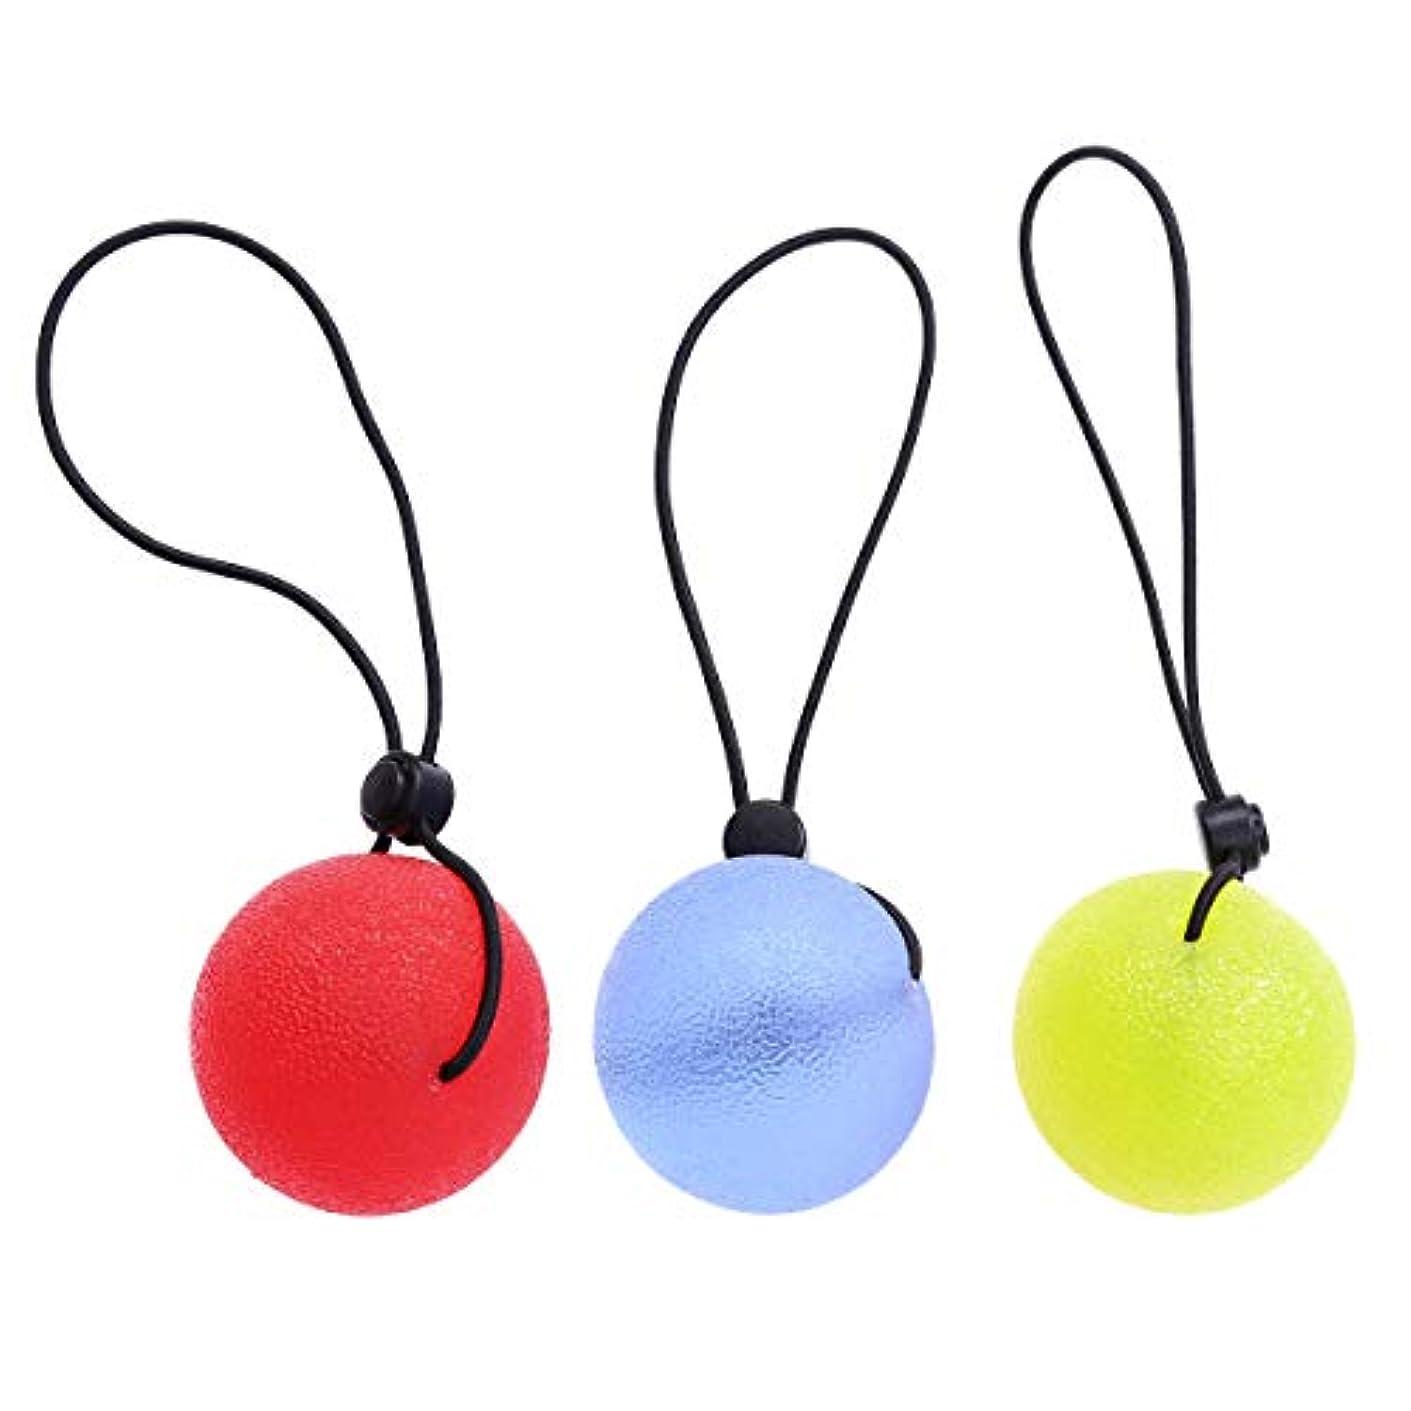 ゴミ箱を空にする以降絶縁するSUPVOX 3個シリコーングリップボールハンドエクササイズボールハンドセラピー強化剤トレーナー